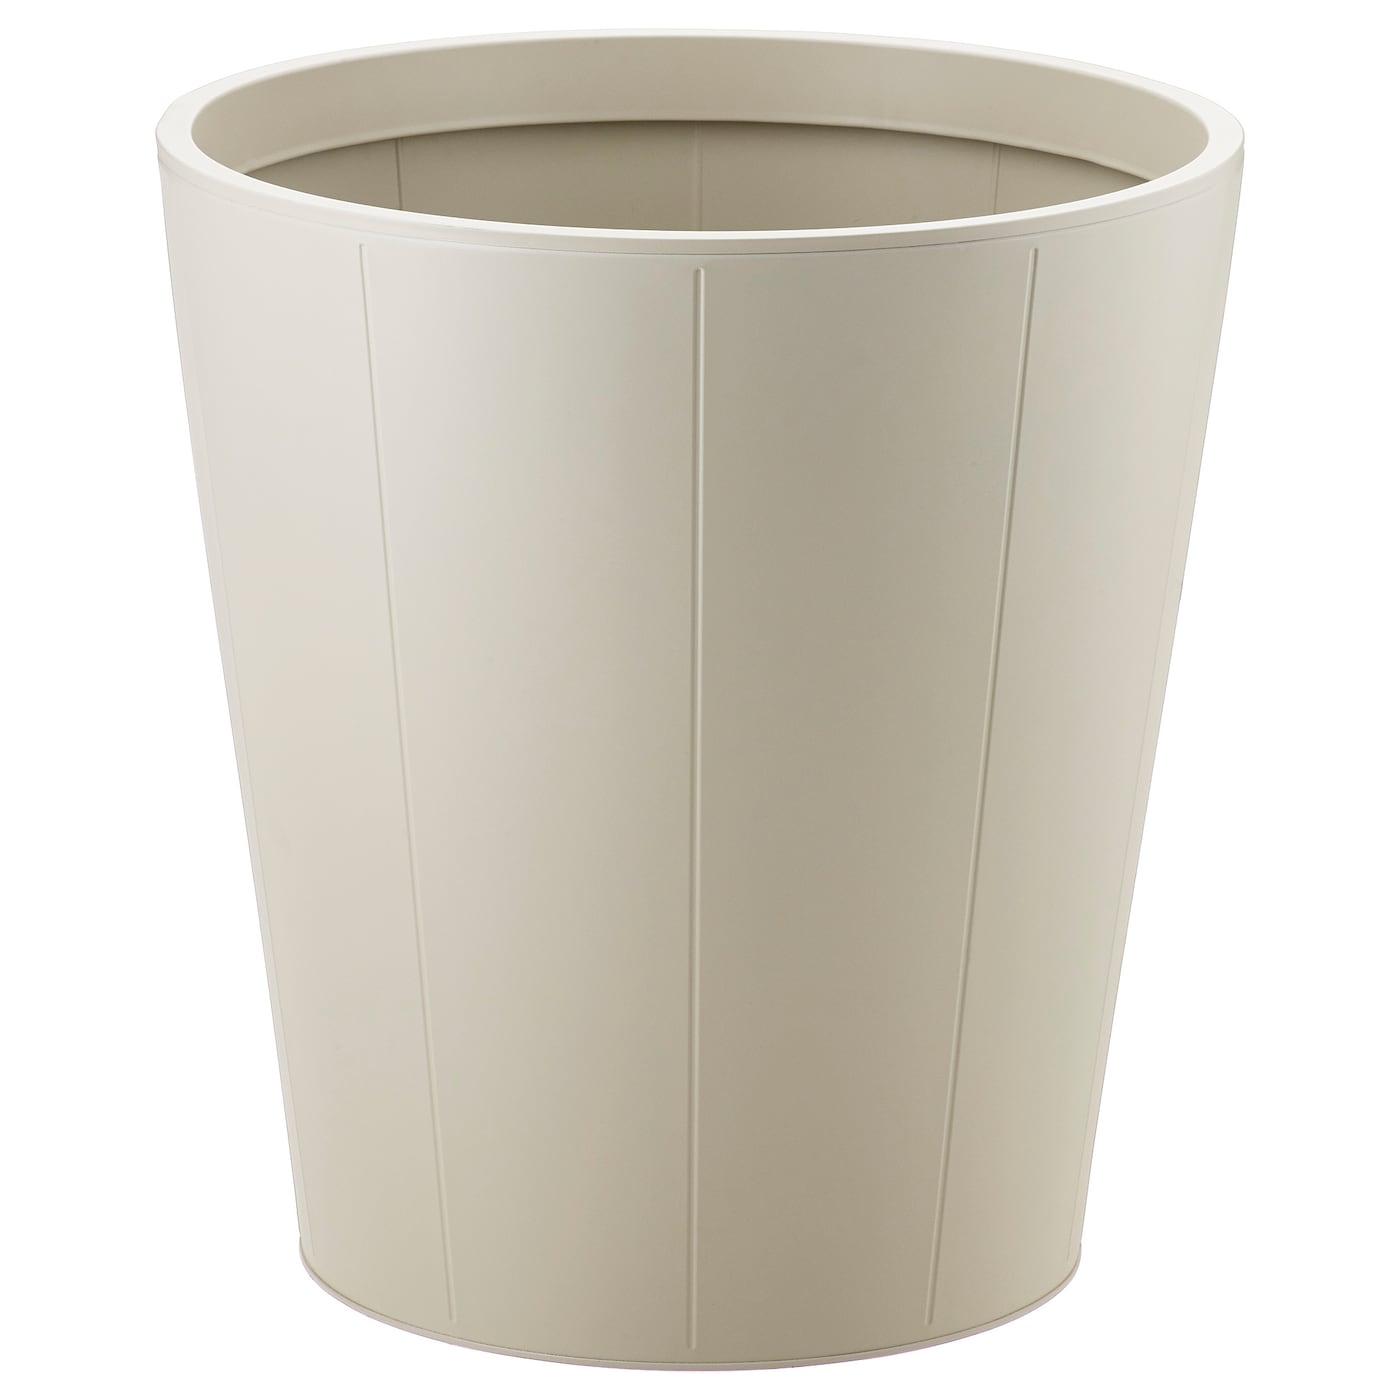 Gr set cache pot ext rieur beige 52 cm ikea for Cache pot exterieur